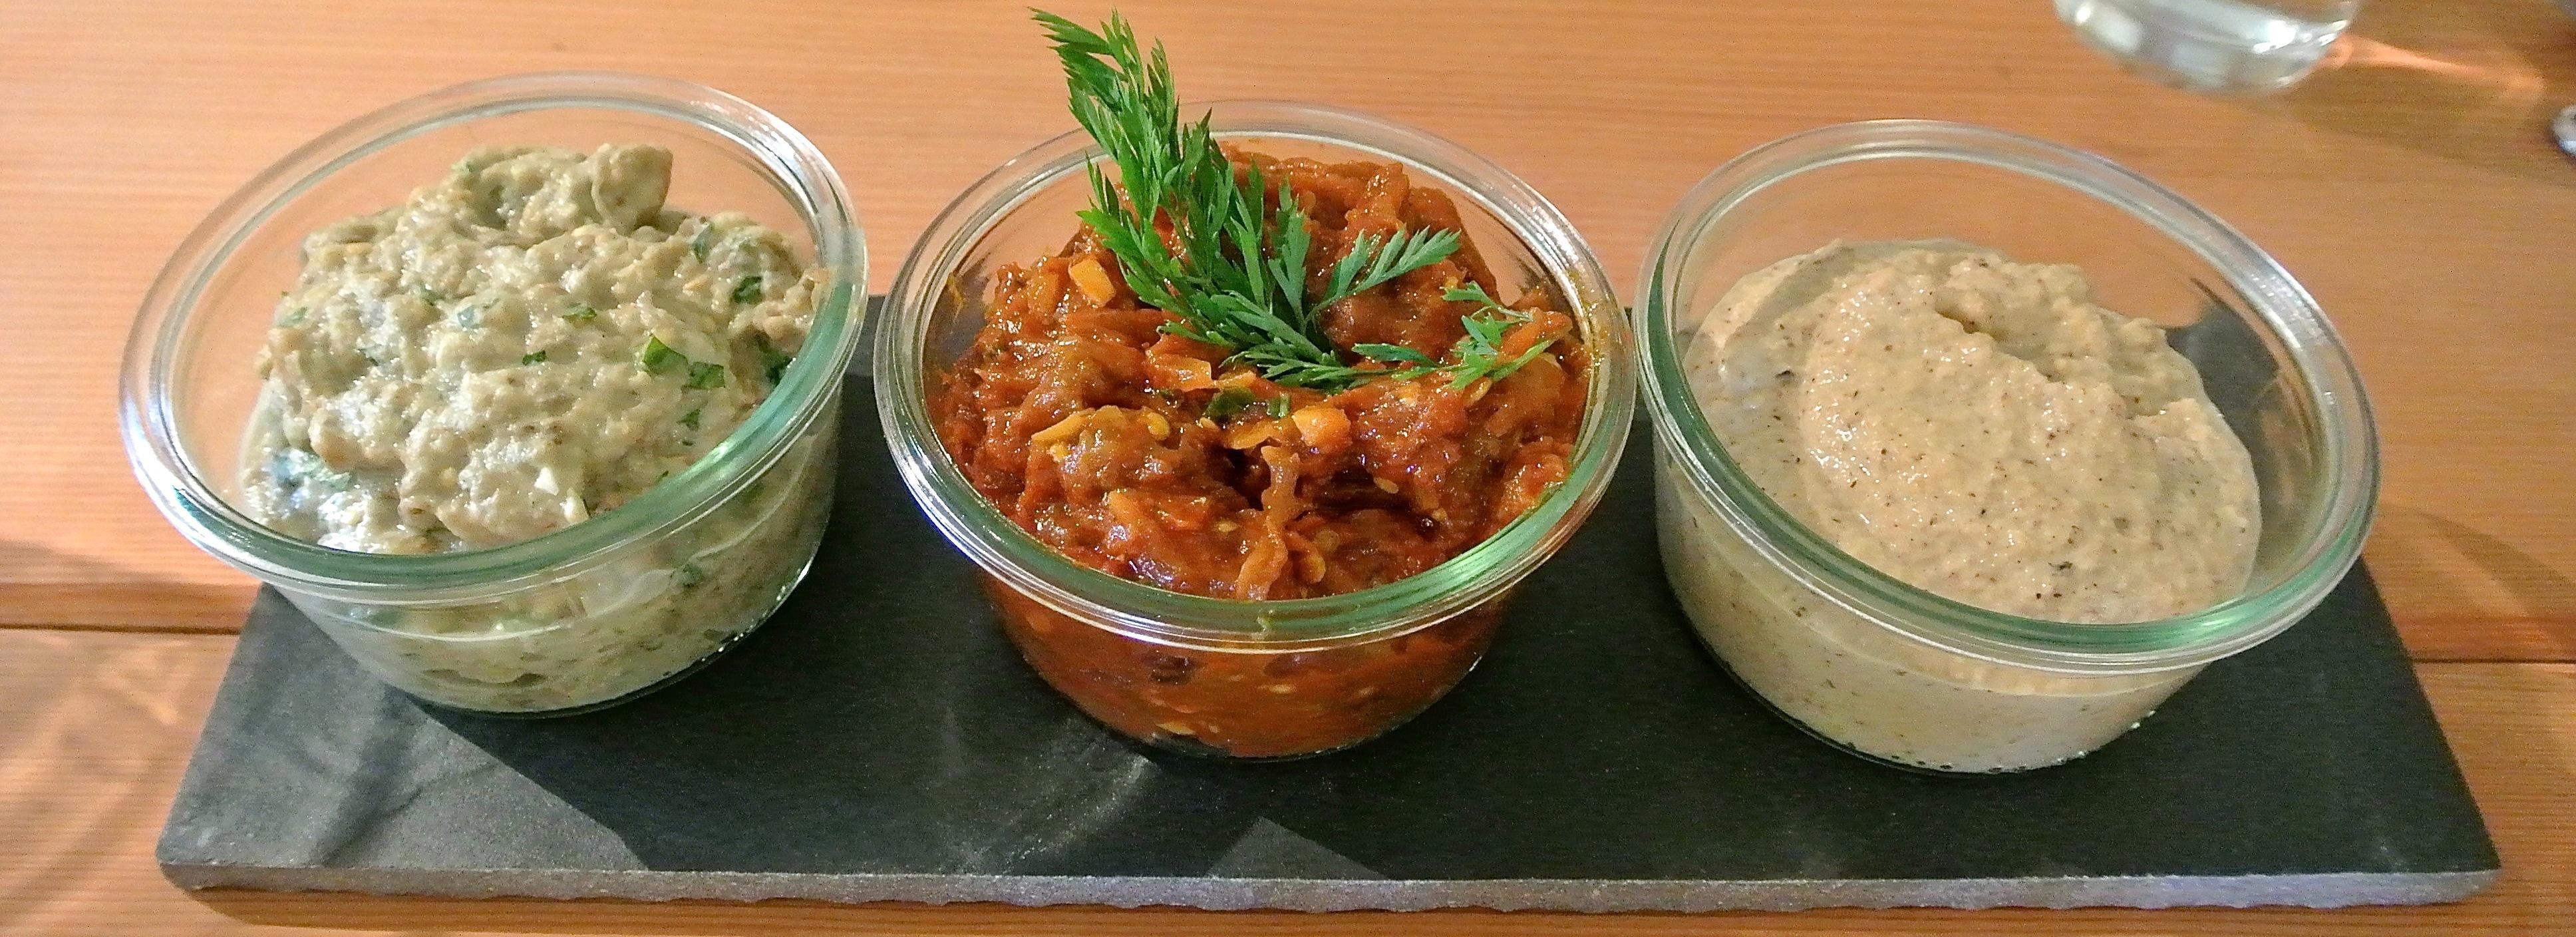 """""""Vegan oriental"""": Gutes Essen geht vor Ideologie. Ein Kochbuch für alle."""